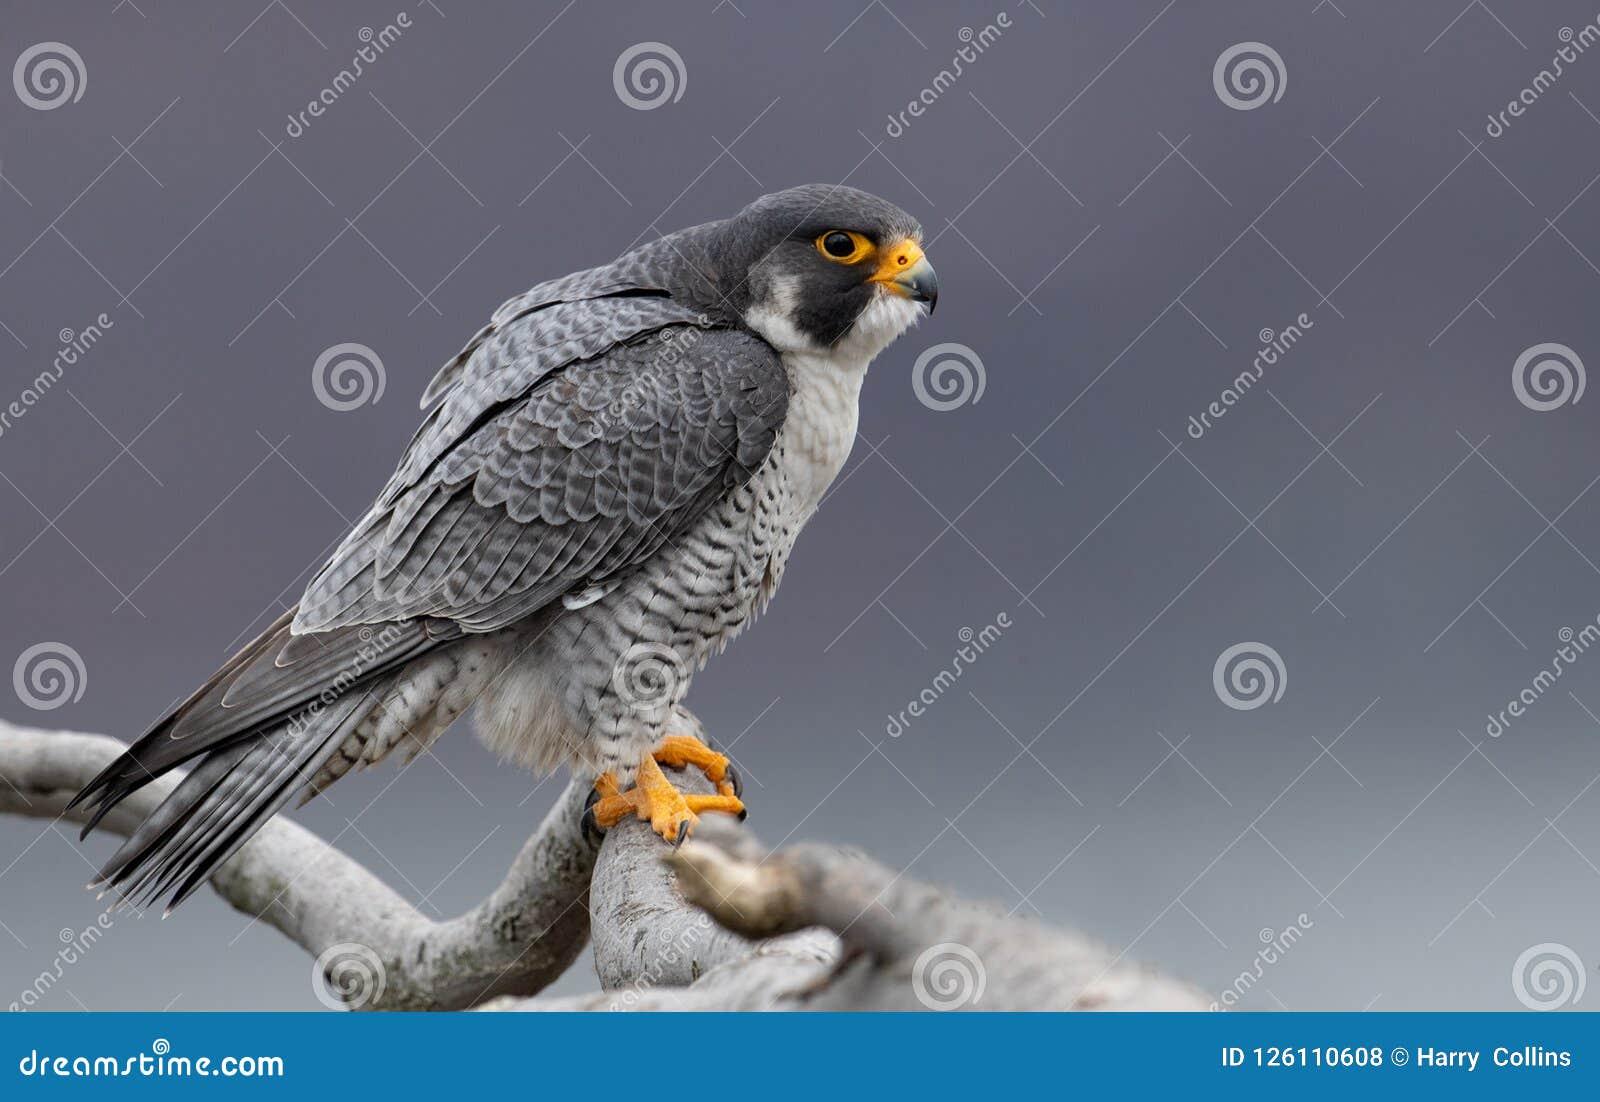 旅游猎鹰在新泽西